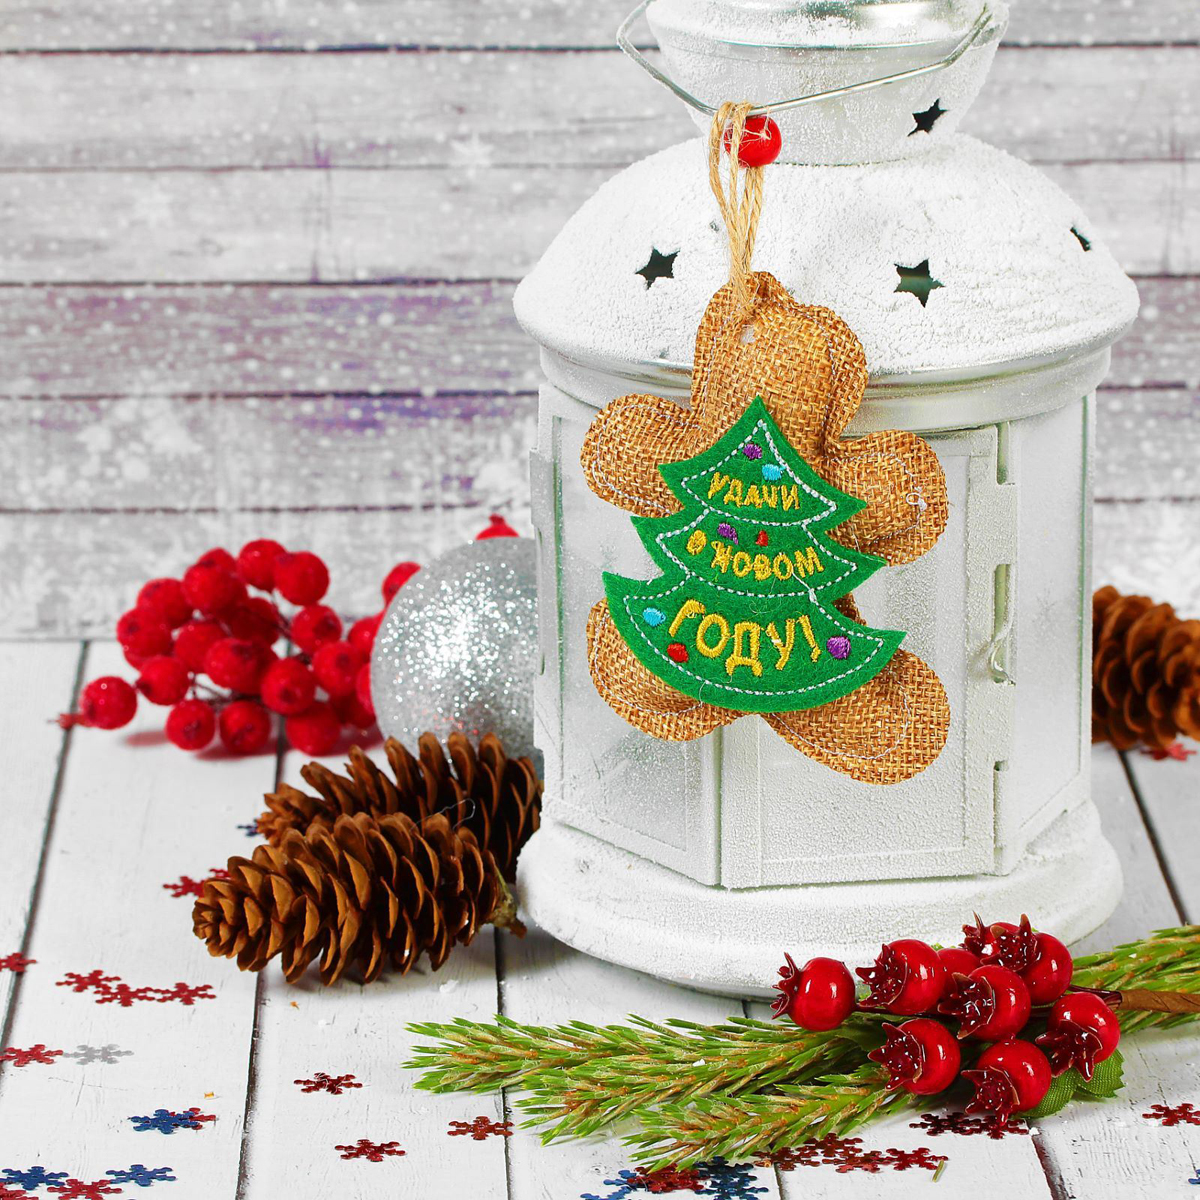 Новогоднее подвесное украшение Страна Карнавалия Удачи в новом году. Печенька2293121Новогоднее подвесное украшение Страна Карнавалия, выполненное из текстиля, украситинтерьер вашего дома или офиса в преддверии Нового года. Оригинальный дизайн и красочноеисполнение создадут праздничное настроение.Новогодние украшения всегда несут в себе волшебство и красоту праздника. Создайте в своемдоме атмосферу тепла, веселья и радости, украшая его всей семьей.